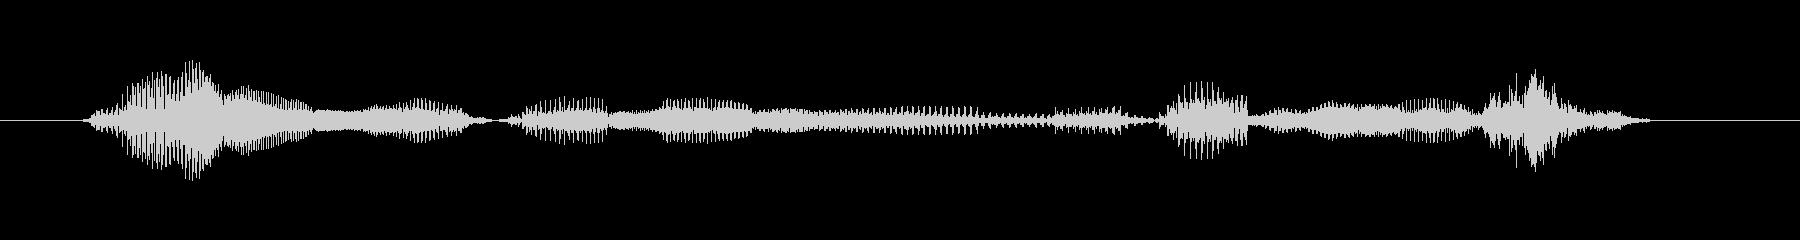 前の画面に戻ります(低め女声)の未再生の波形